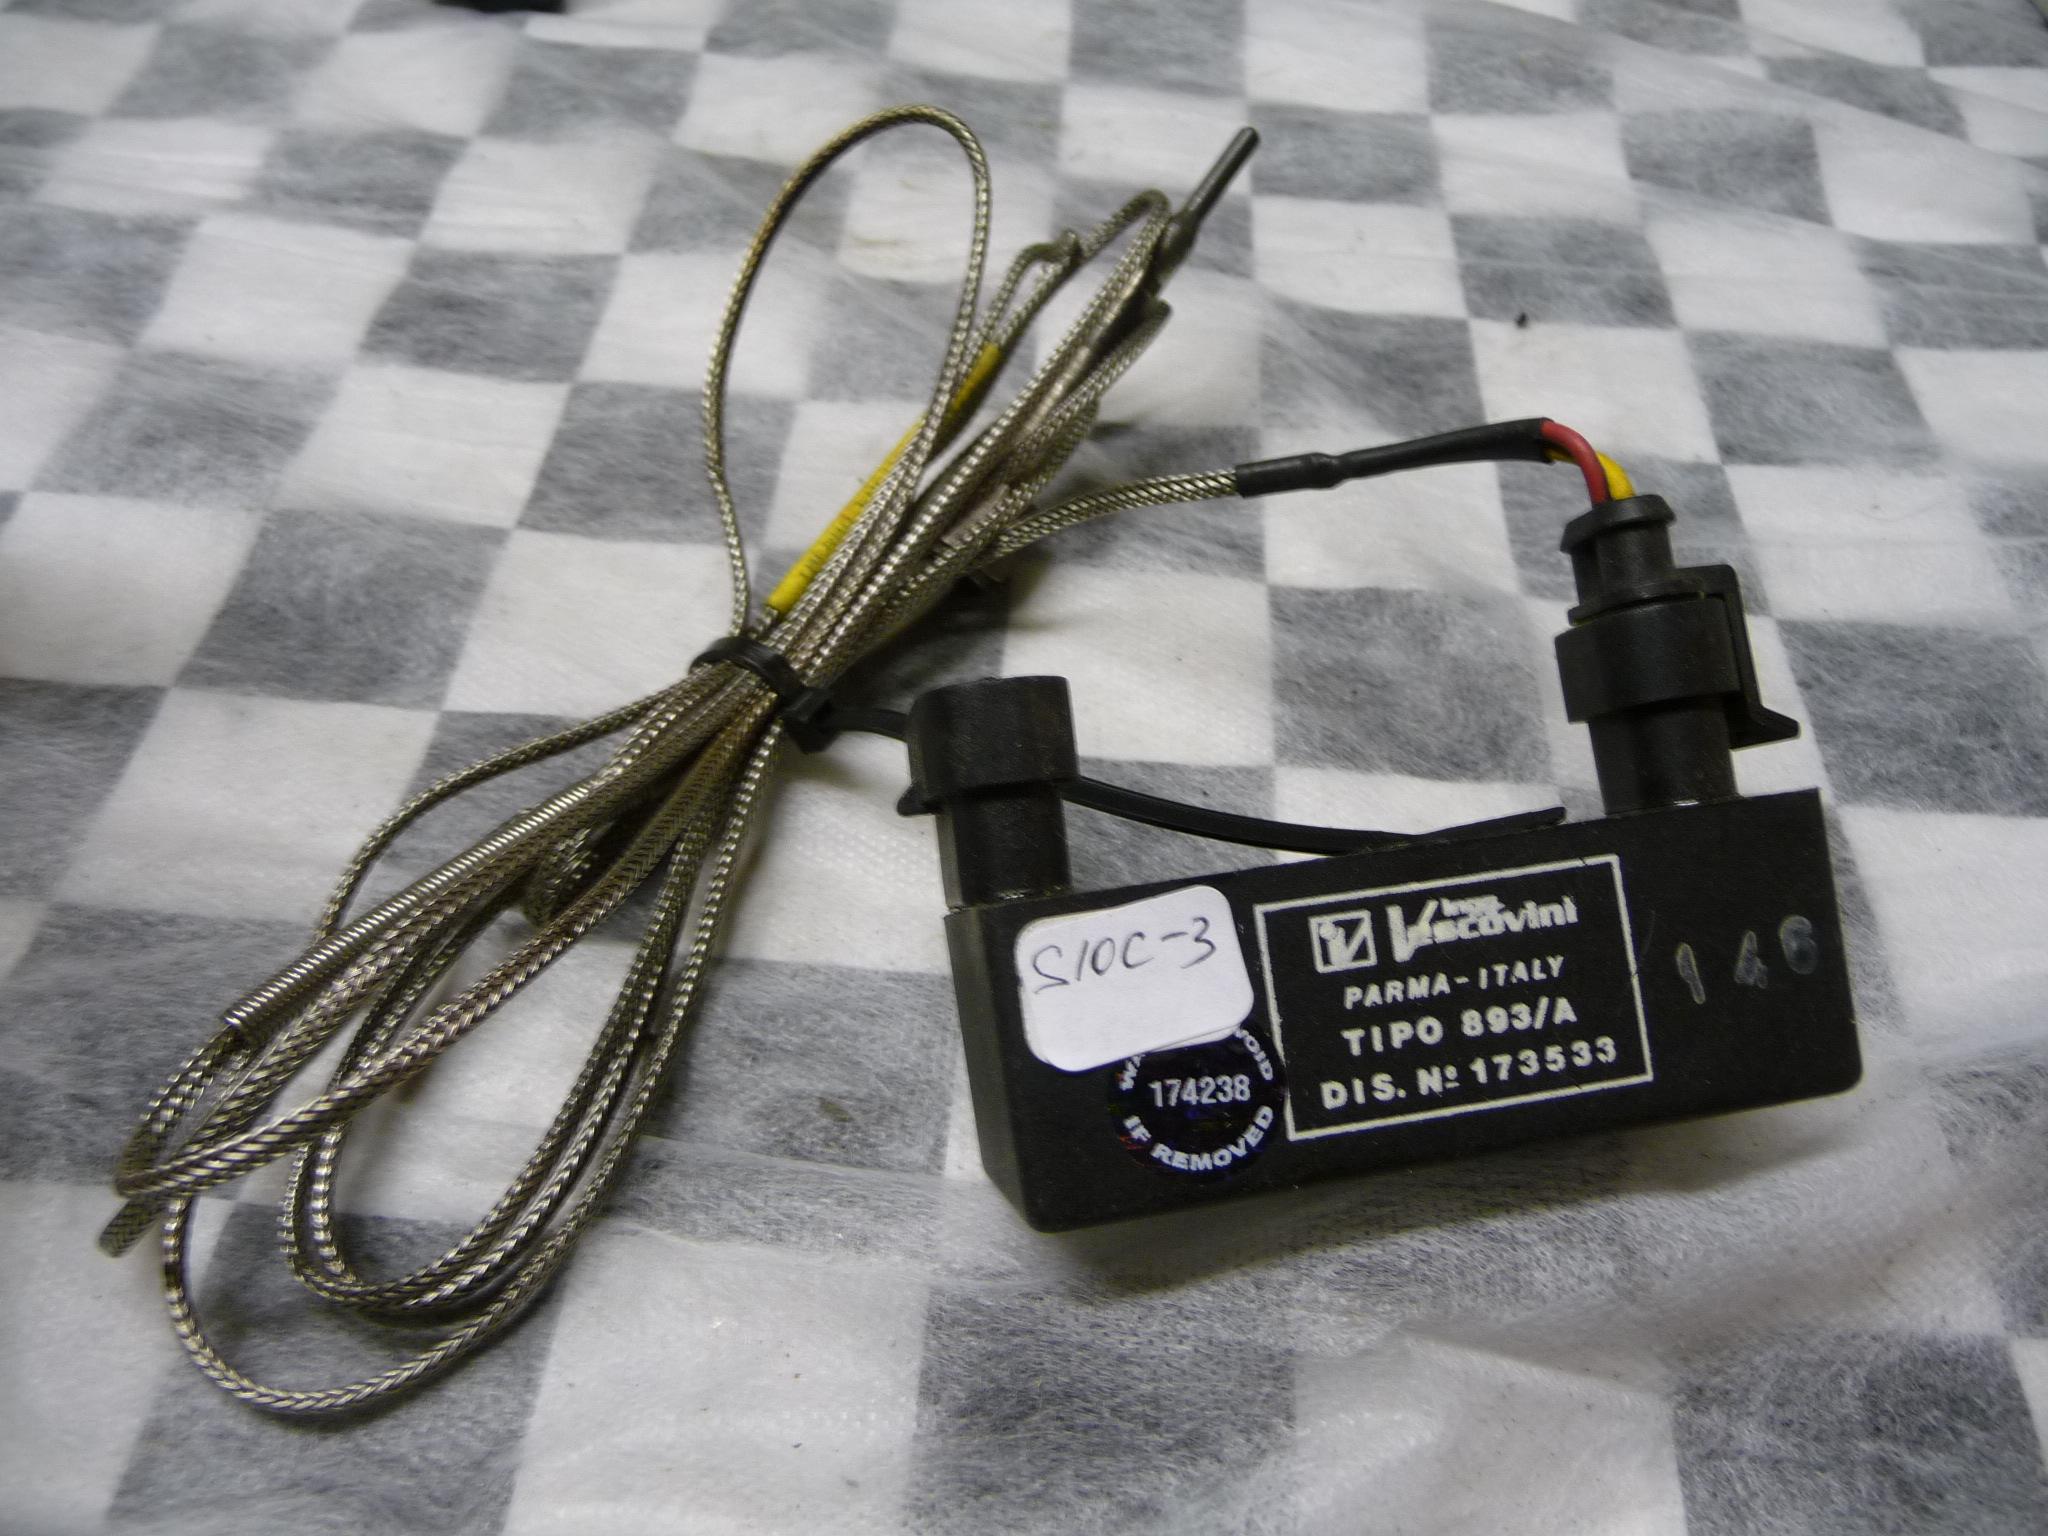 Ferrari 355, 360 Catalyst Temperature Control Station 173533 OEM OE